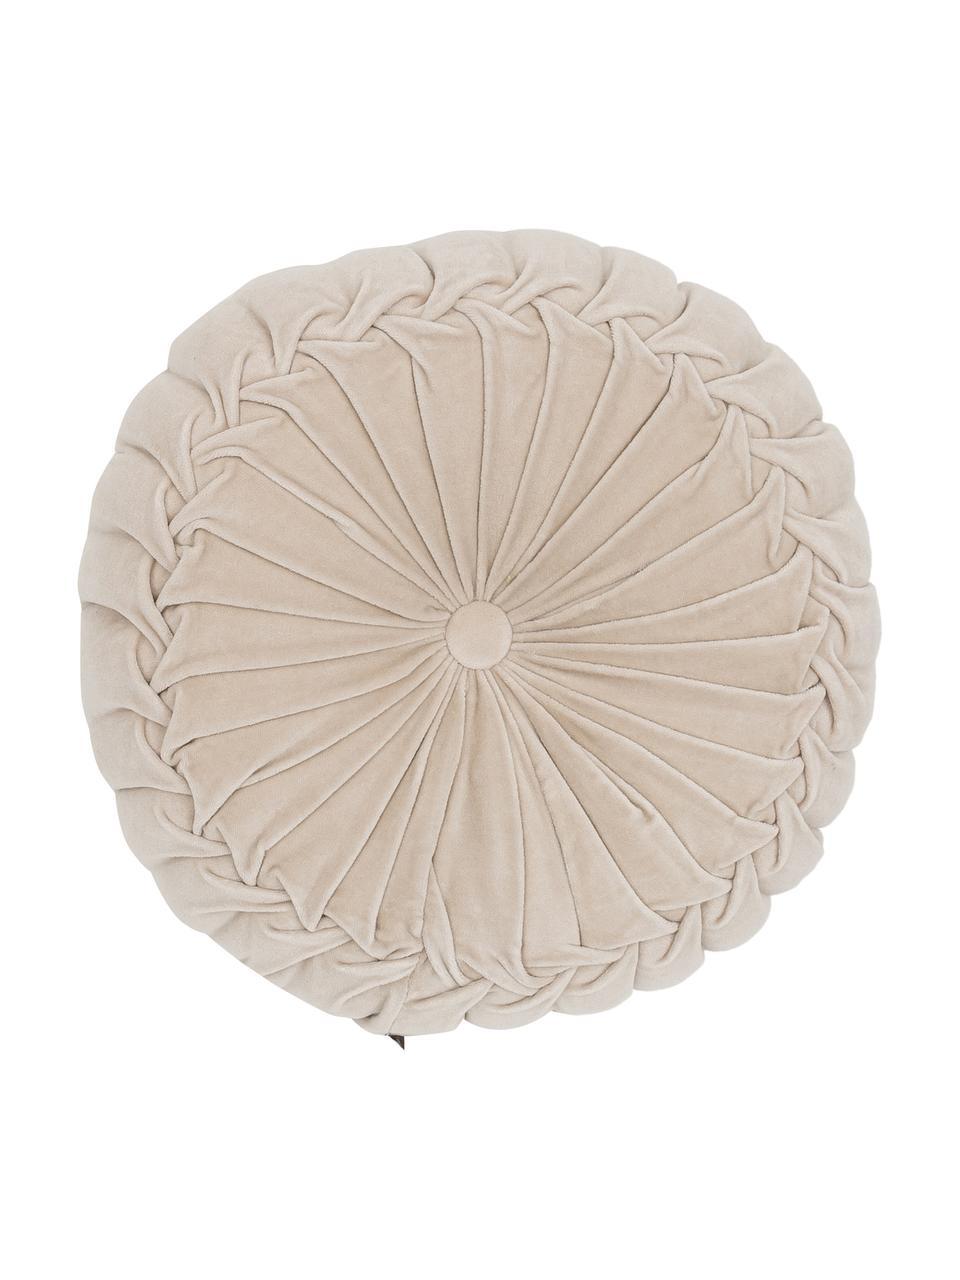 Rond fluwelen kussen Kanan met plooien, met vulling, Lichtbeige, Ø 40 x H 10 cm